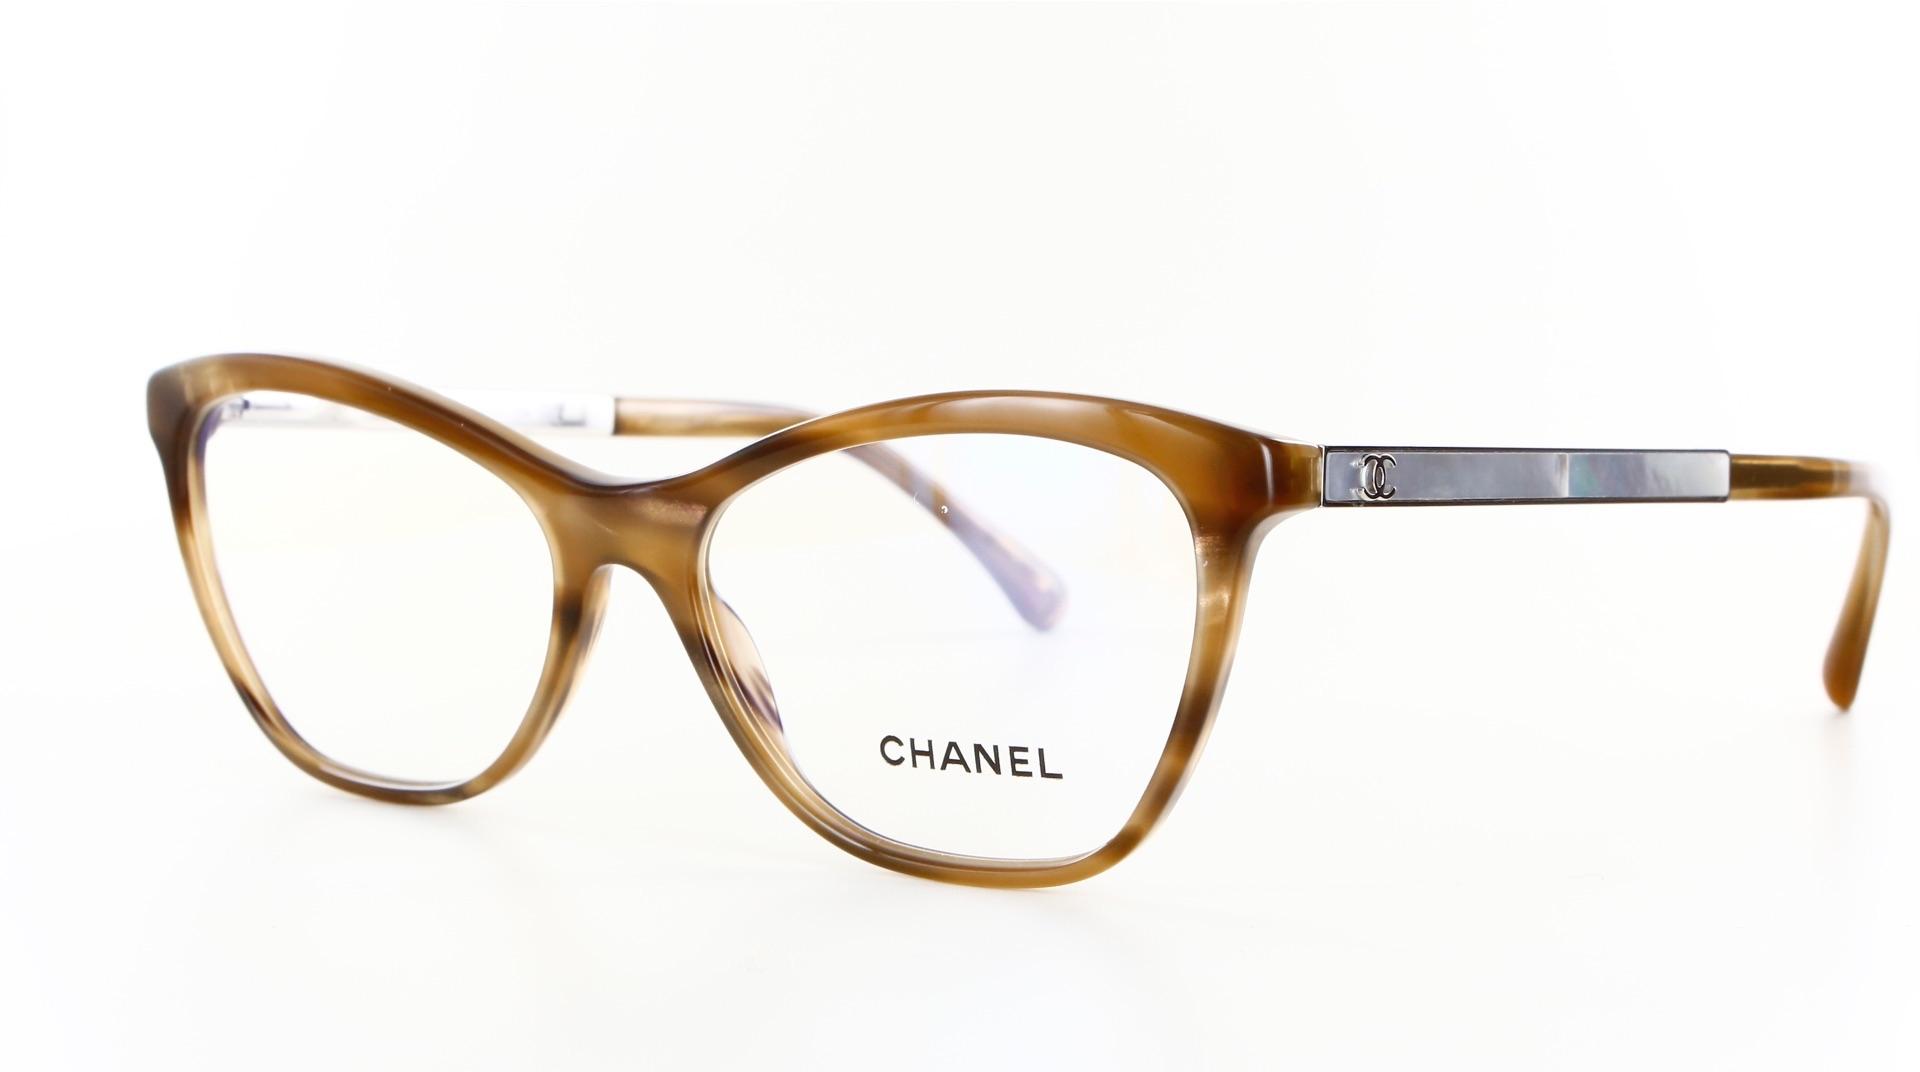 Chanel - ref: 74010